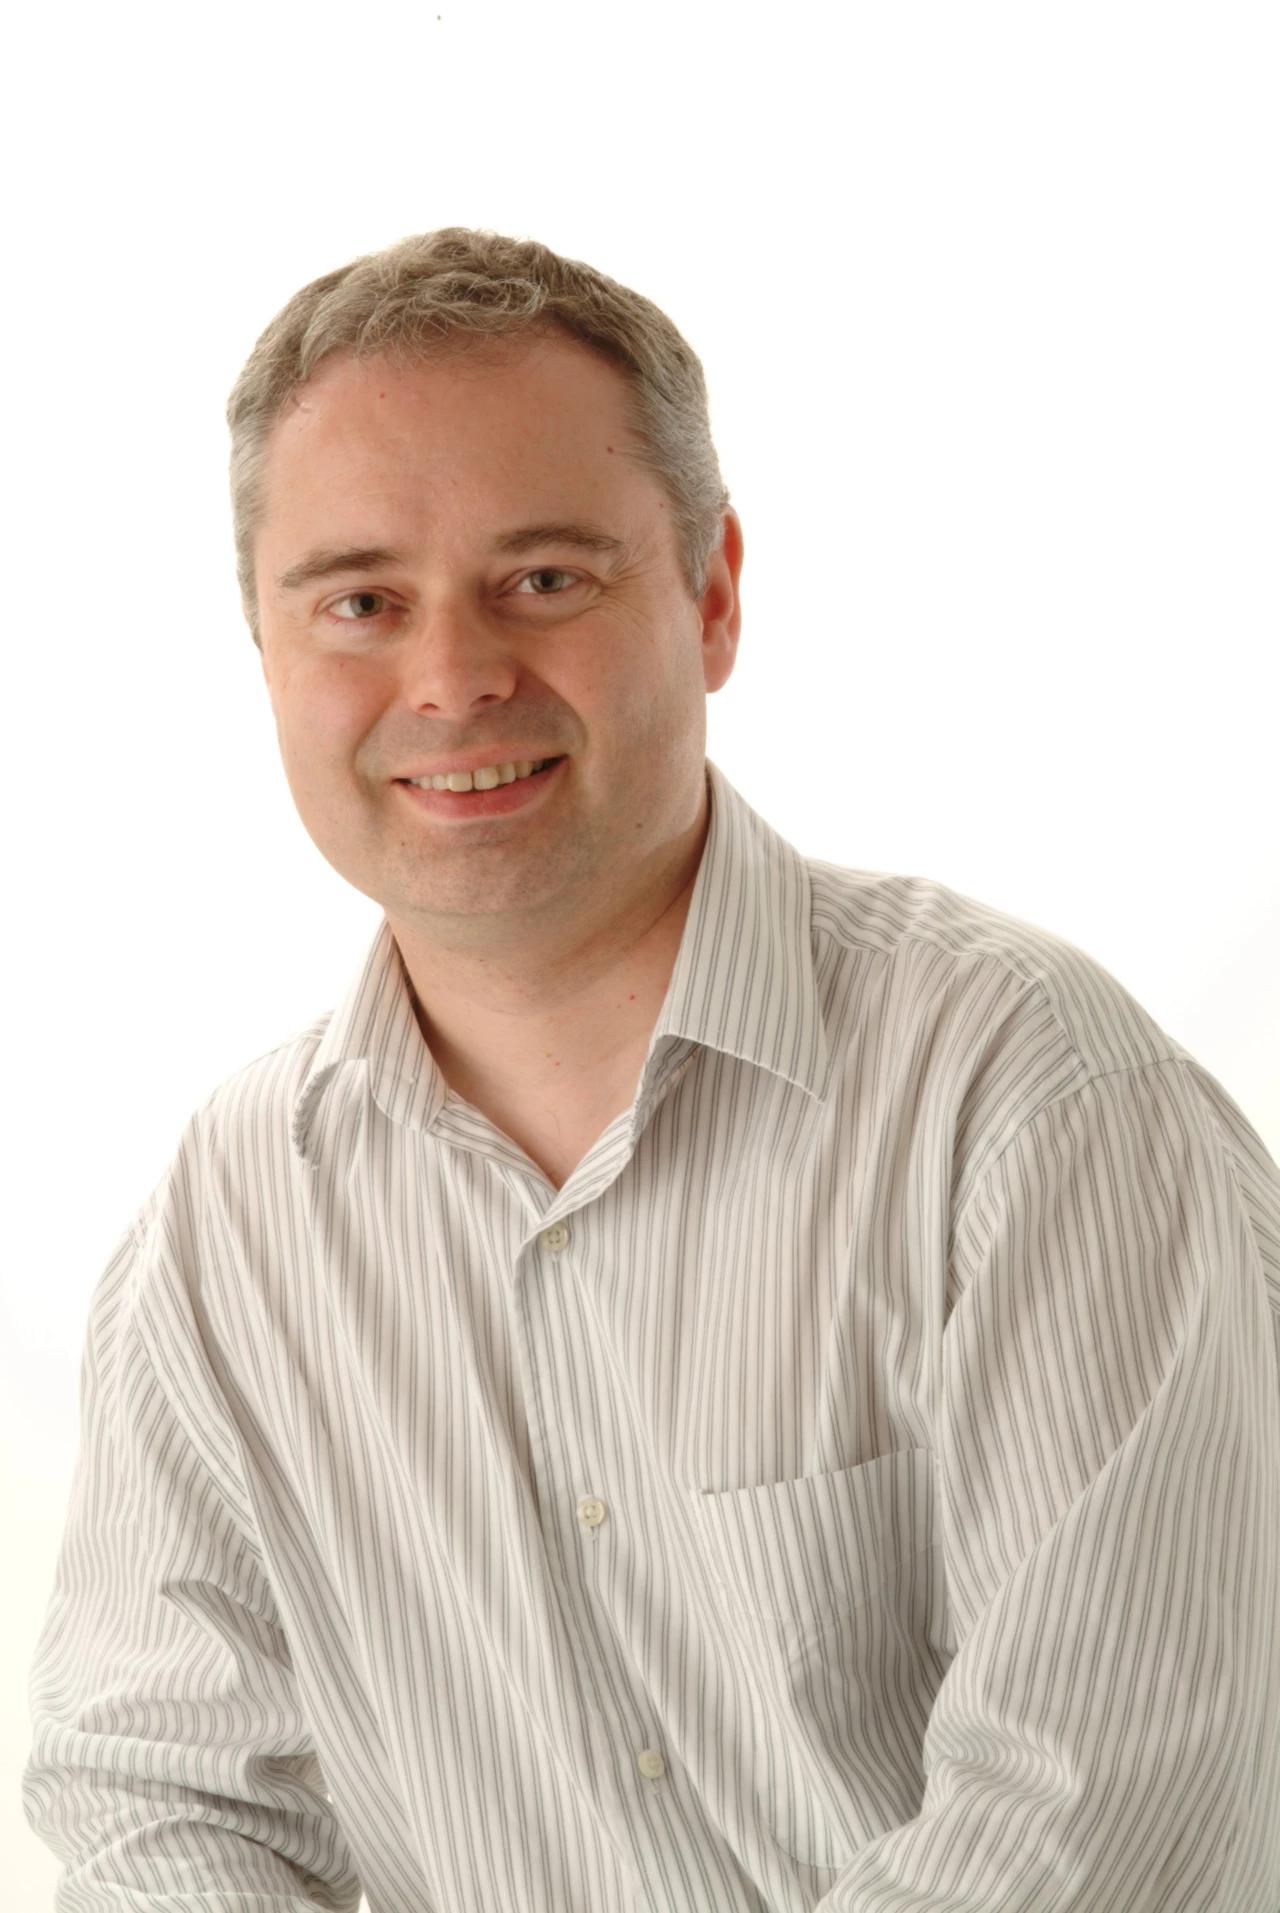 Brian McKenna